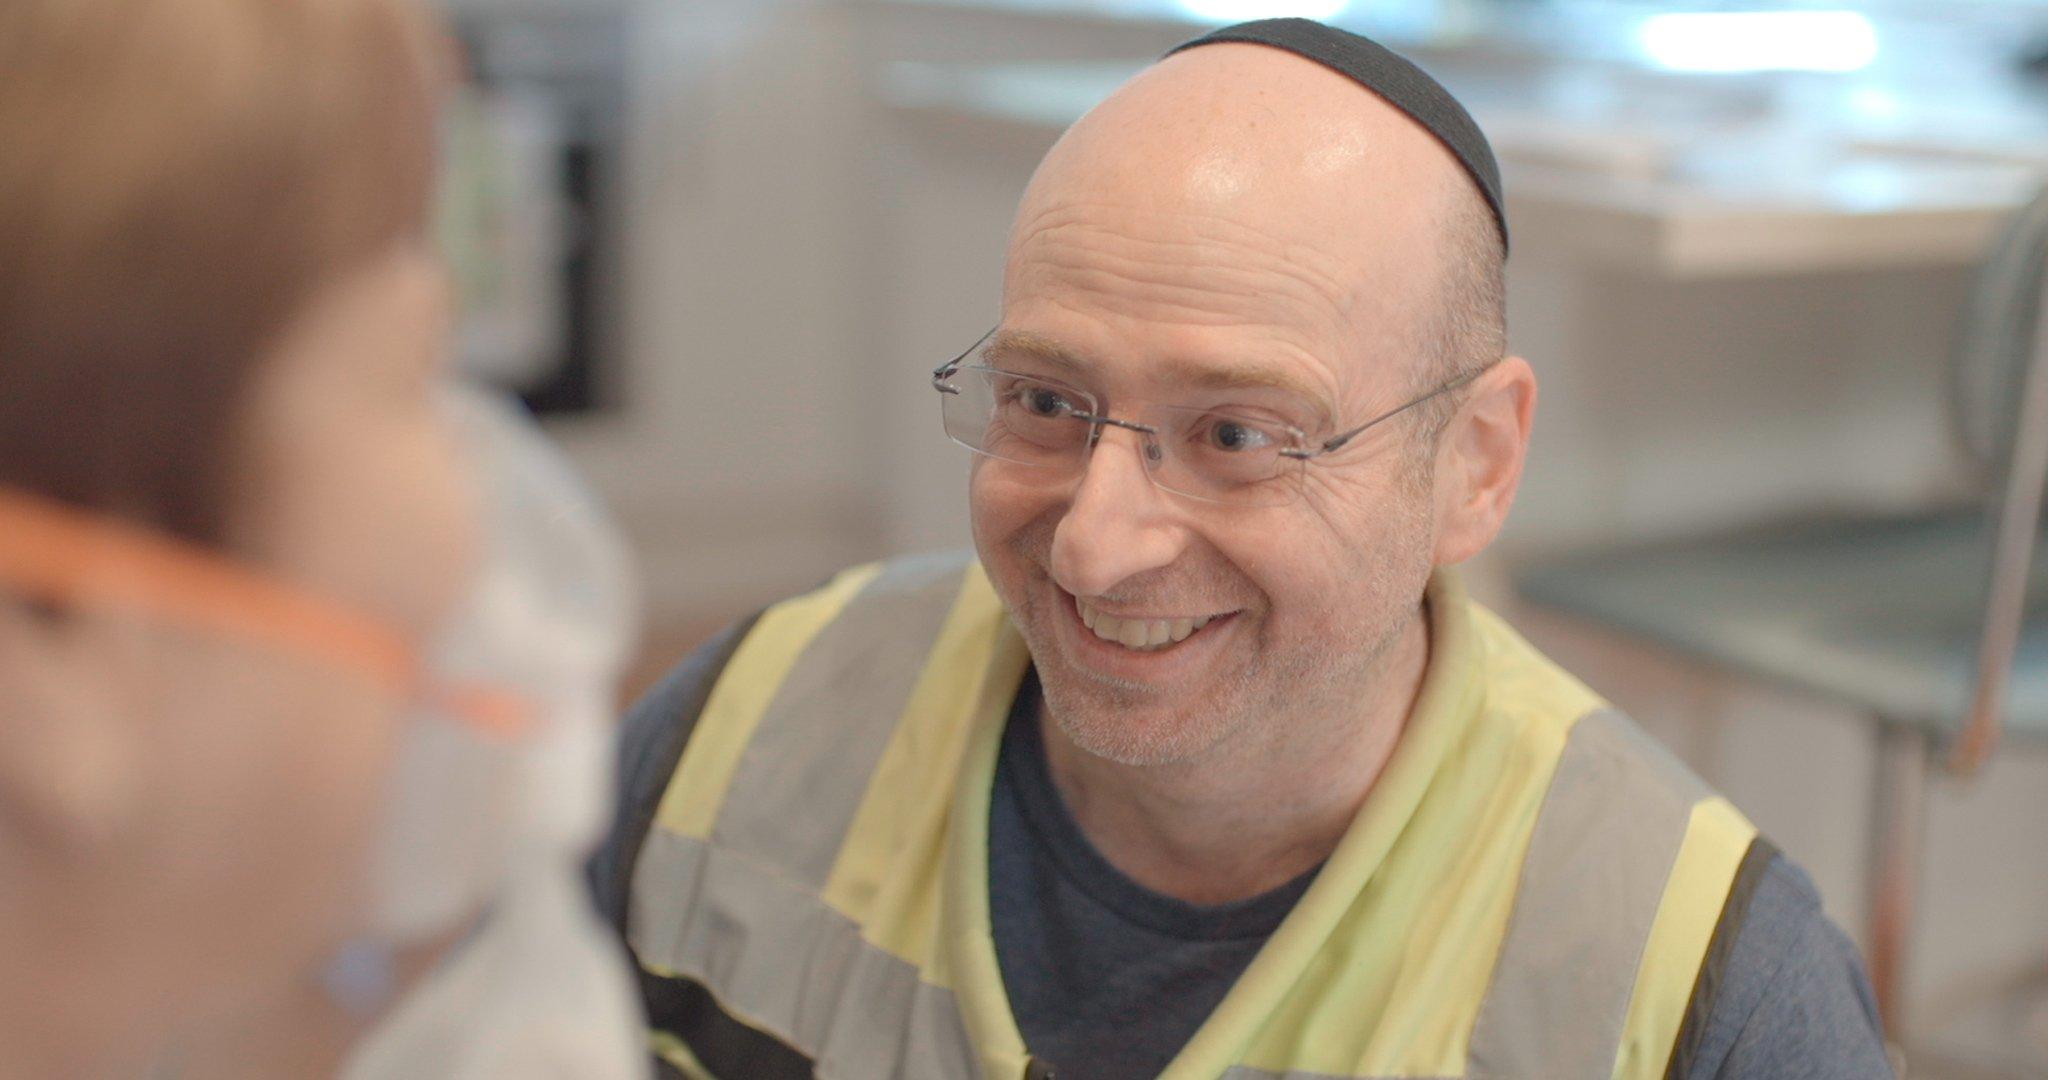 Hatzolah Melbourne Responder Leon Landau treating a patient